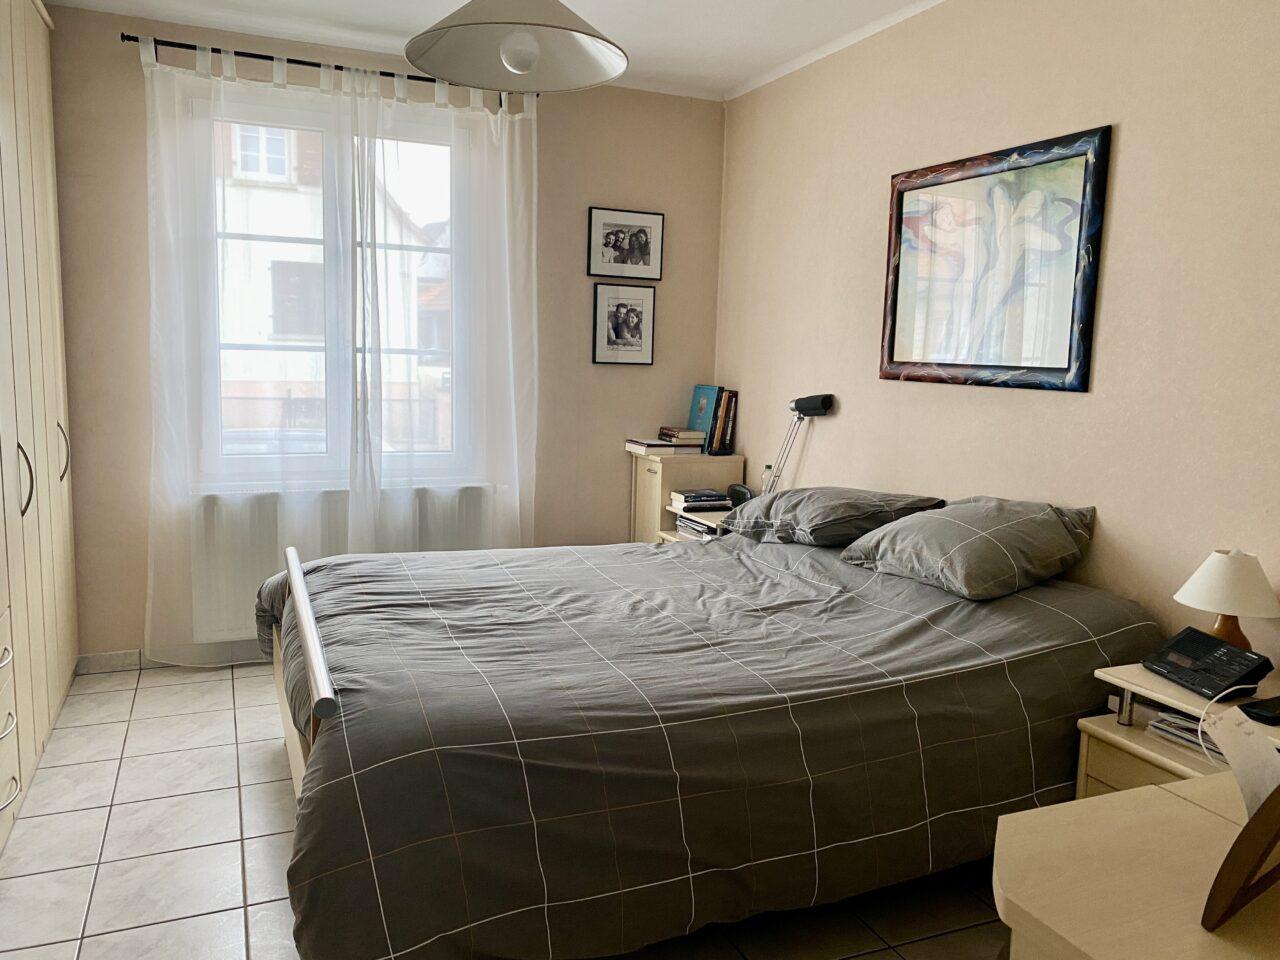 Hatten belle maison chaleureuse et fonctionnelle 160m2. Vidéo disponible